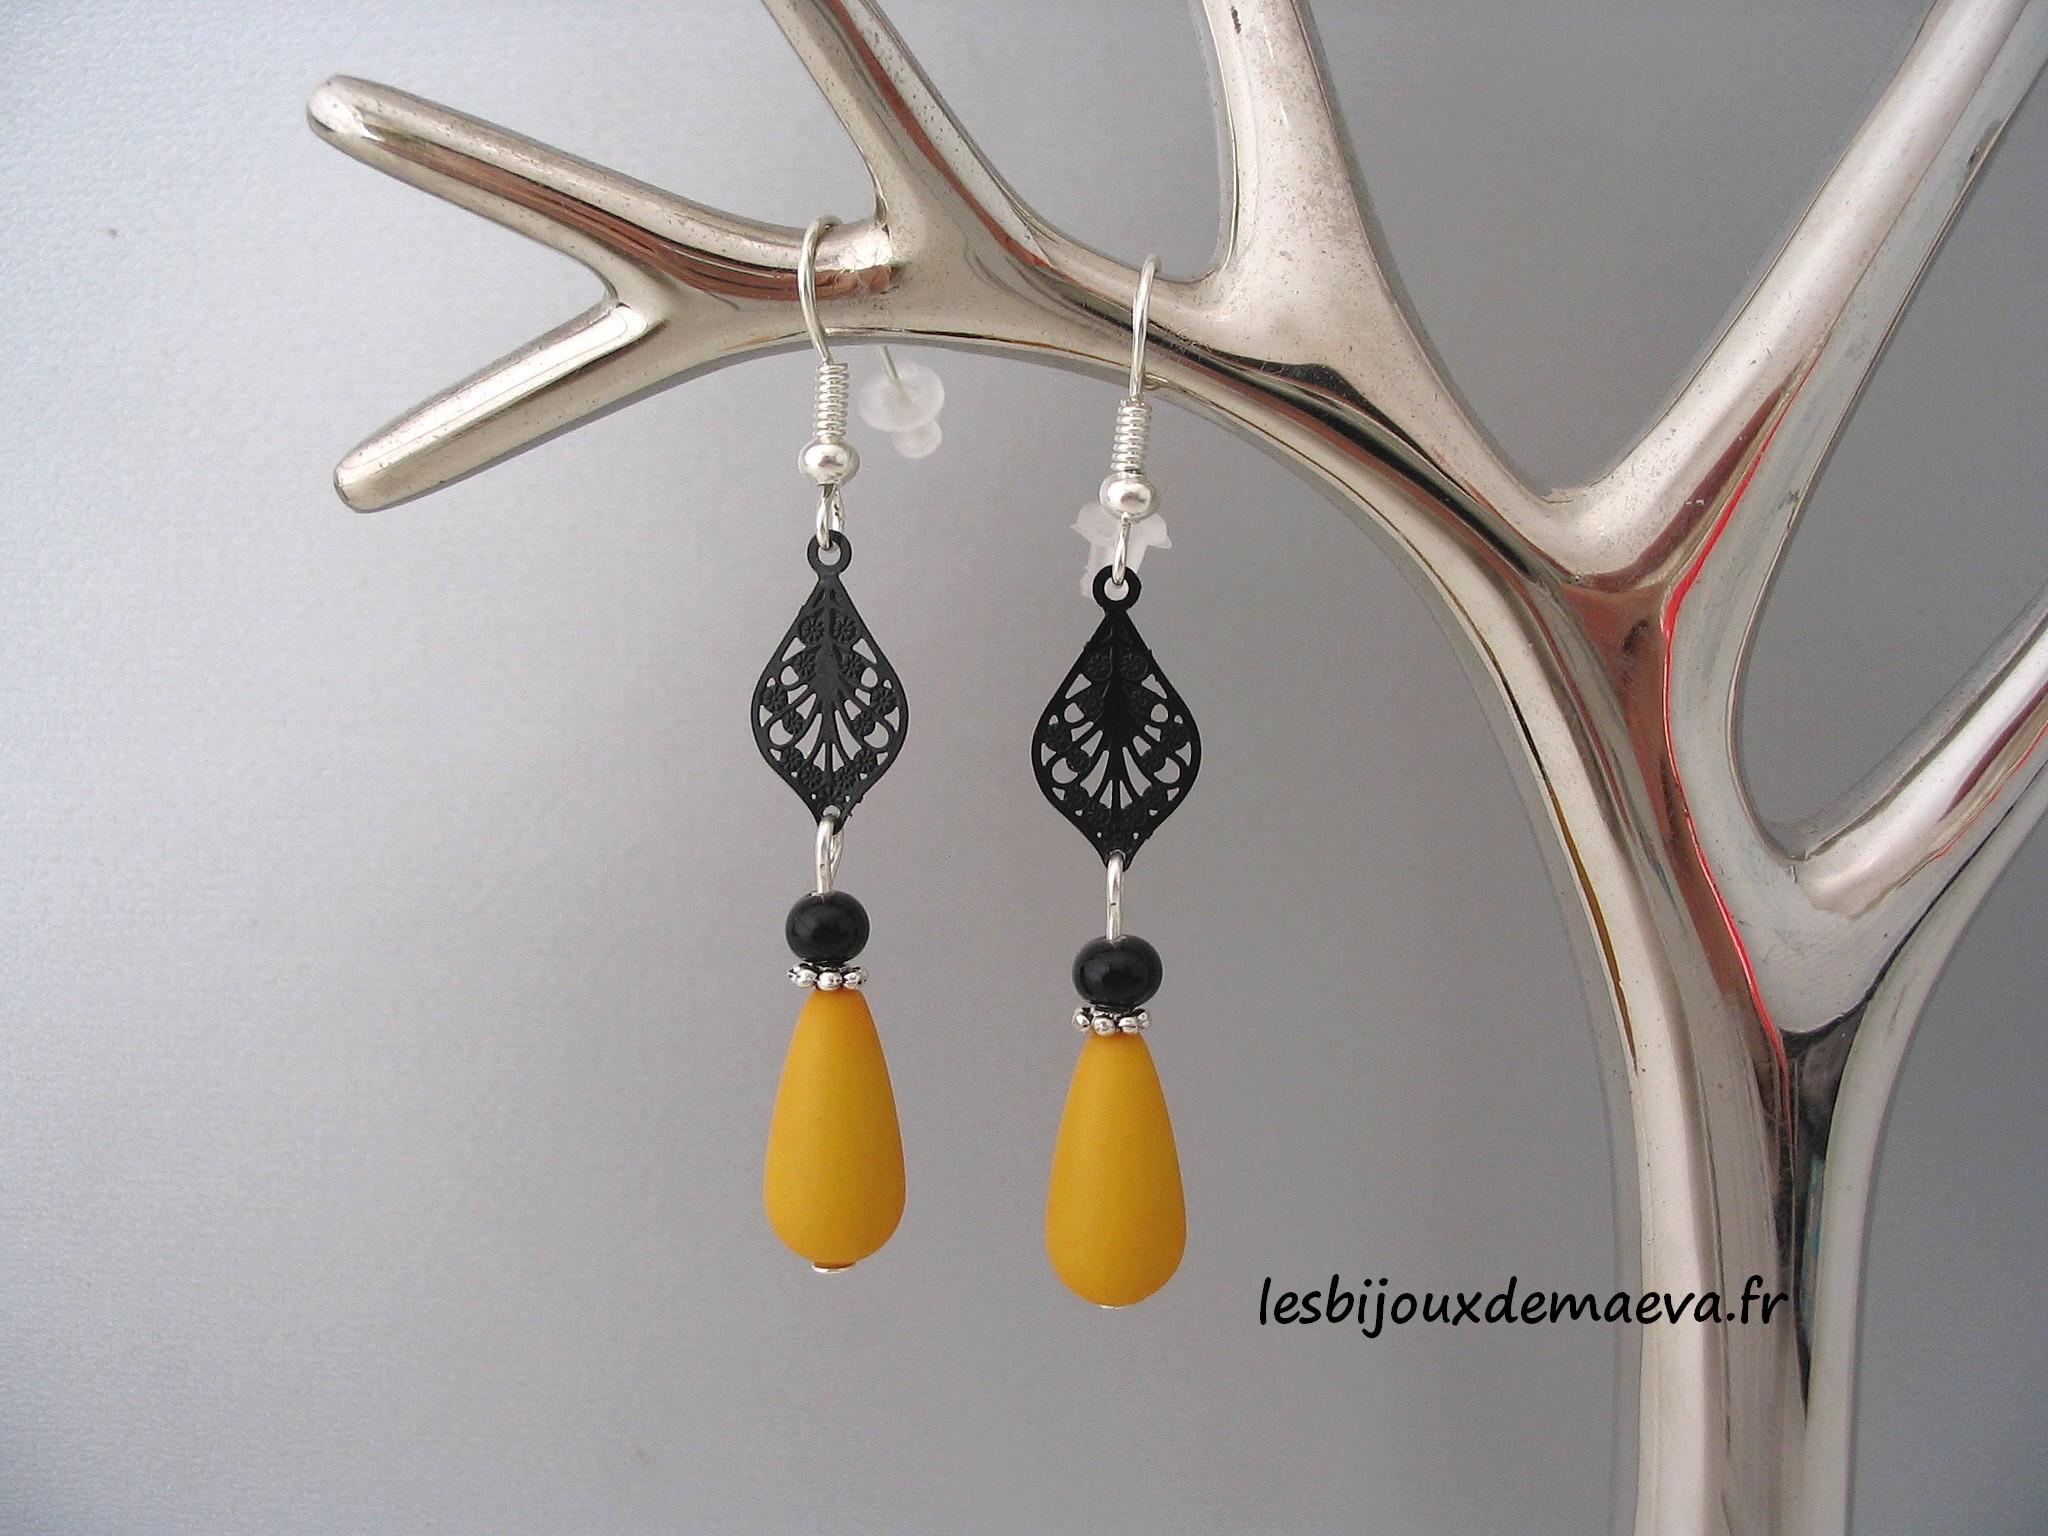 boucles d 39 oreilles fantaisie jaune moutarde estampe. Black Bedroom Furniture Sets. Home Design Ideas